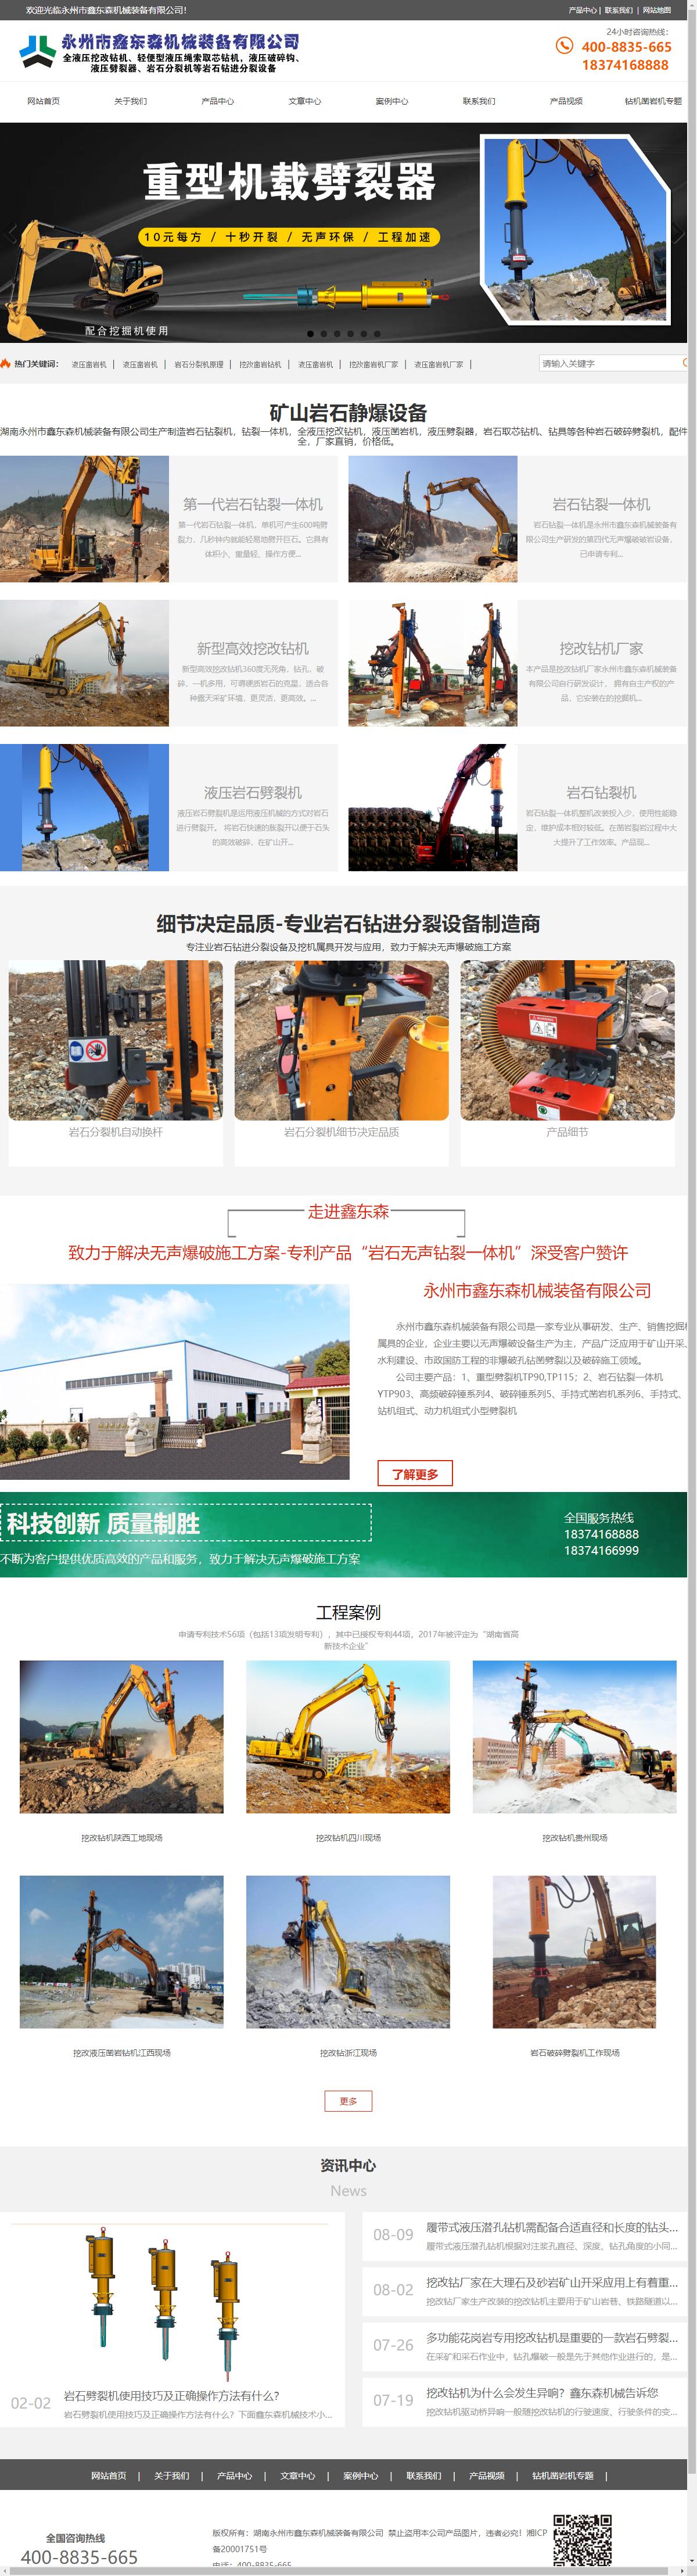 永州市鑫东森机械装备有限公司网站案例